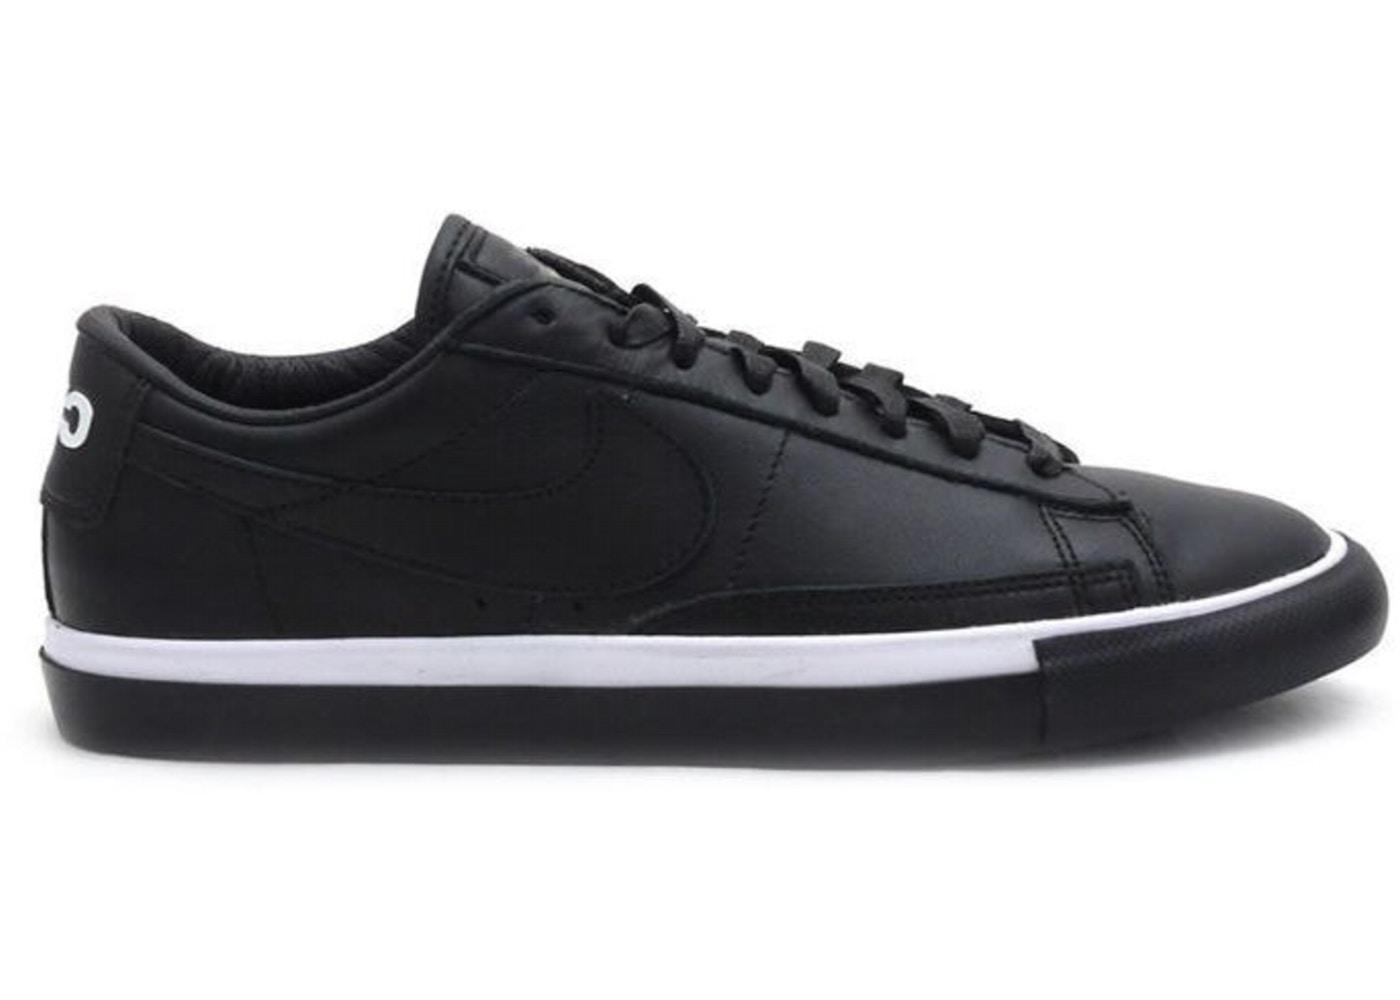 Nike SB Blazer Low Comme des Garcons Black White